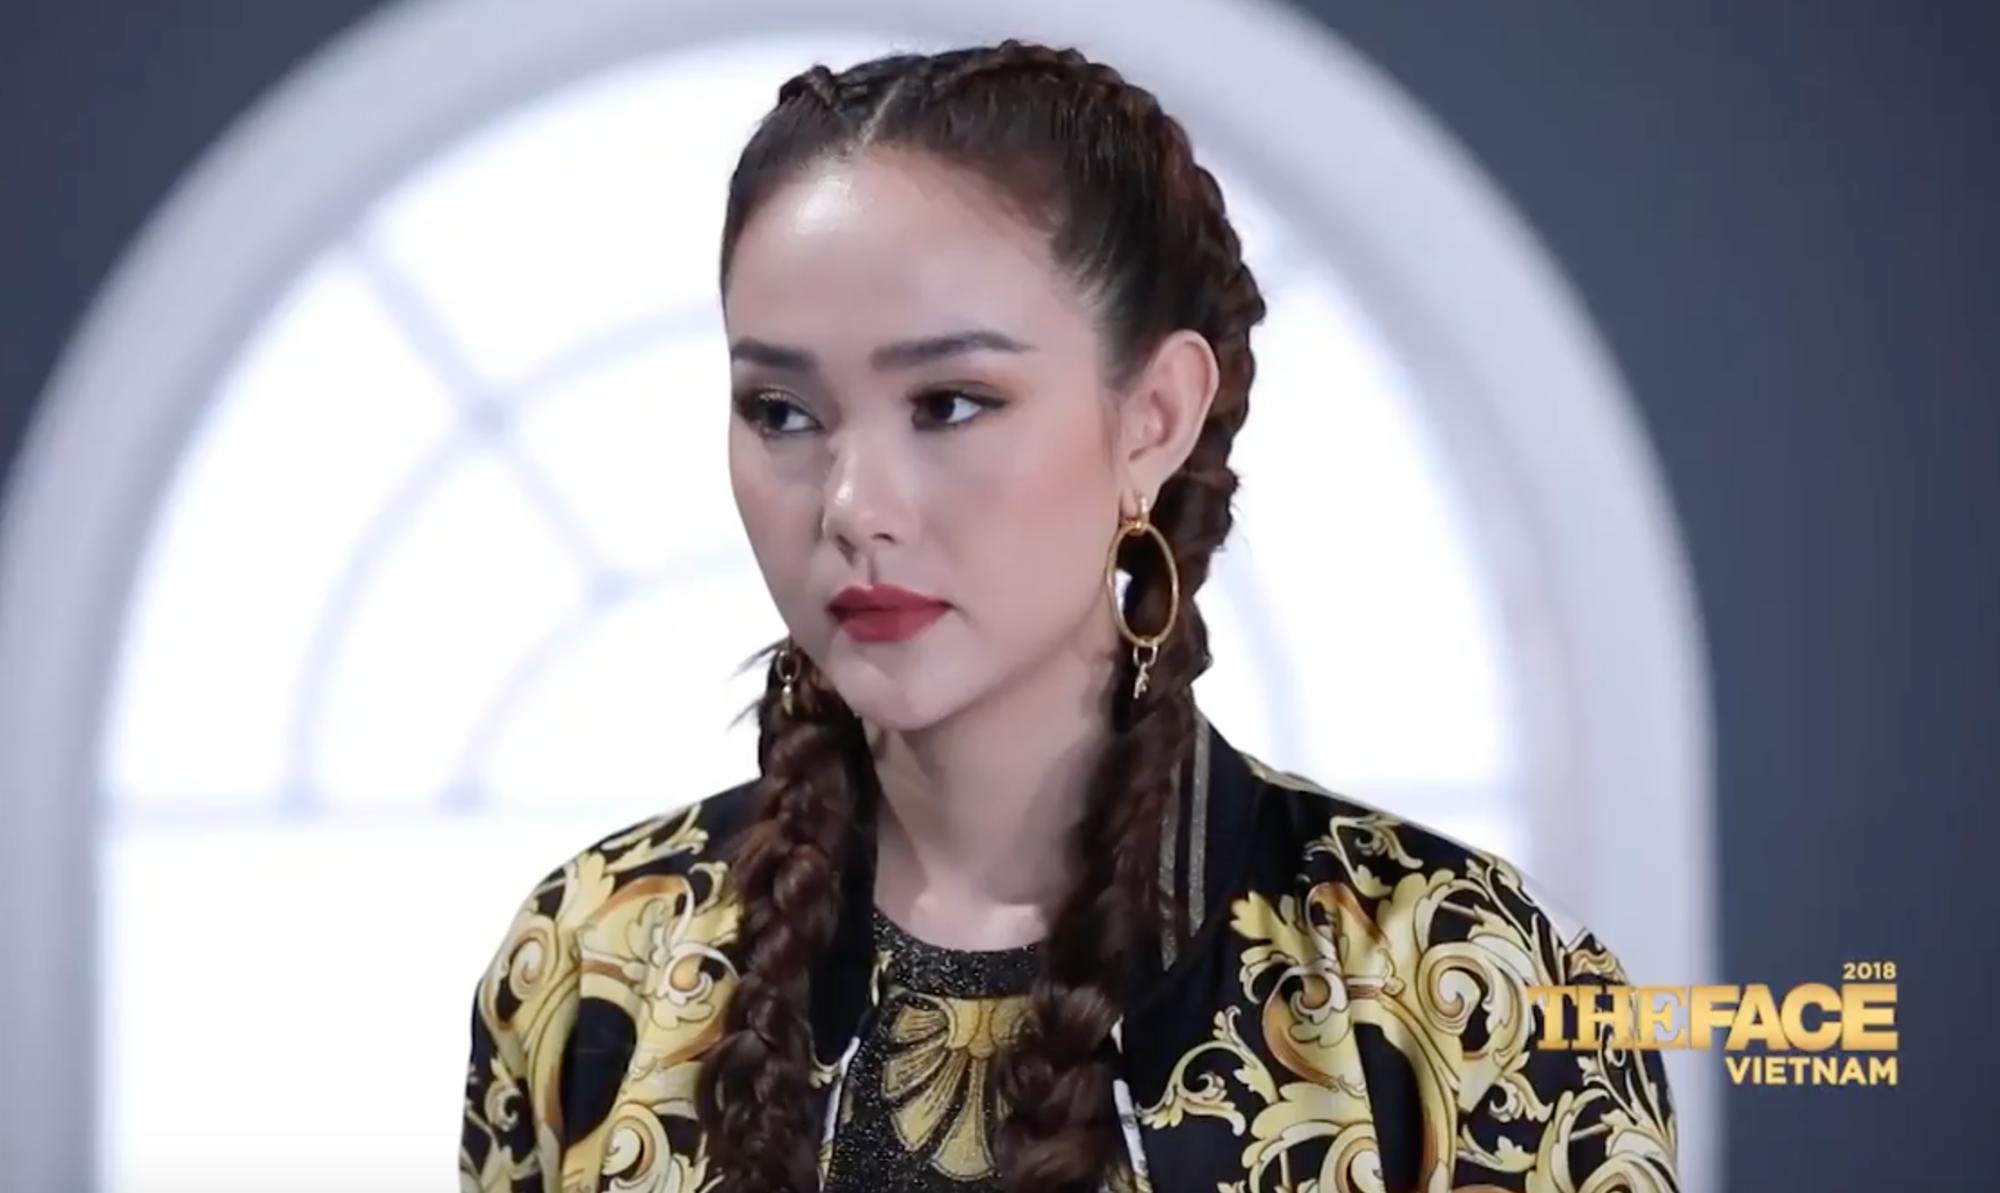 Thanh Hằng hoang mang về mối quan hệ với Minh Hằng và cho rằng bị thiếu tôn trọng - Ảnh 7.